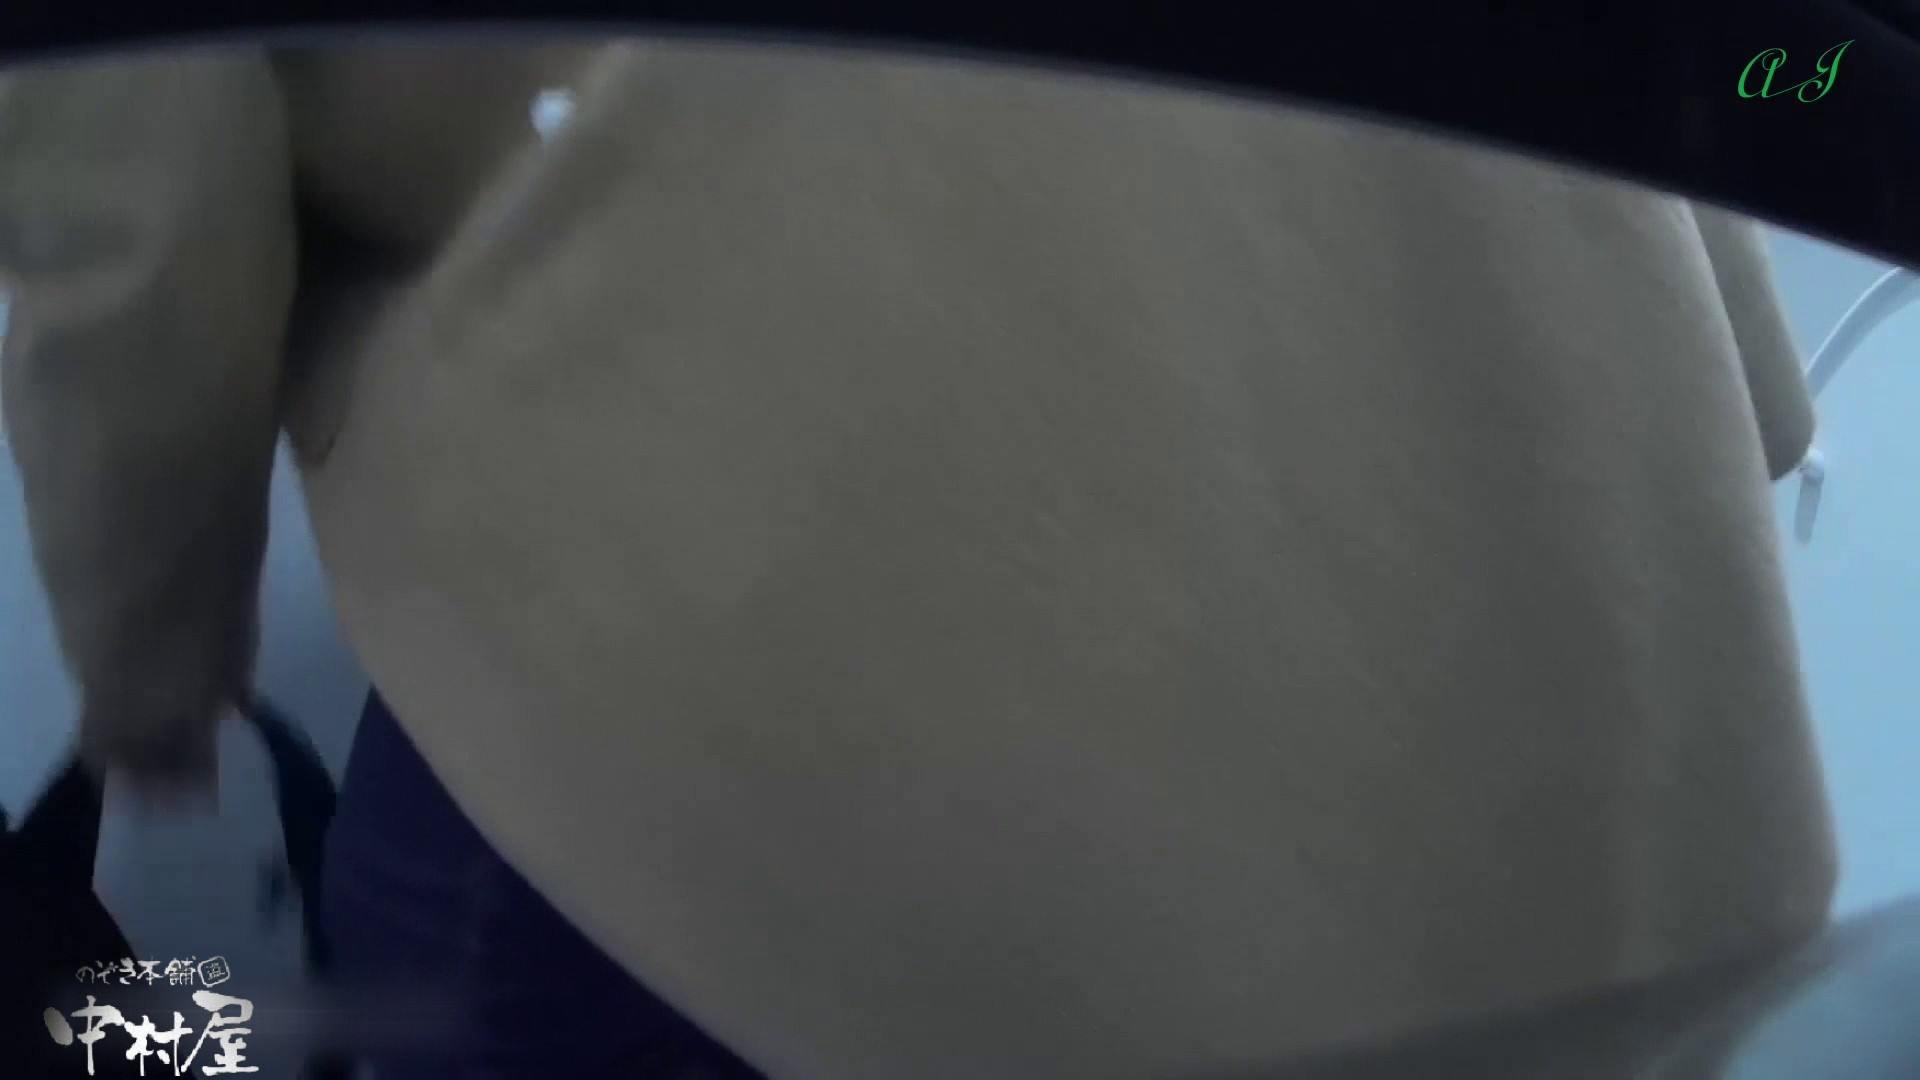 大あり美JDトイレ盗satu【有名大学女性洗面所 vol.80】 和式 のぞき 9枚 4